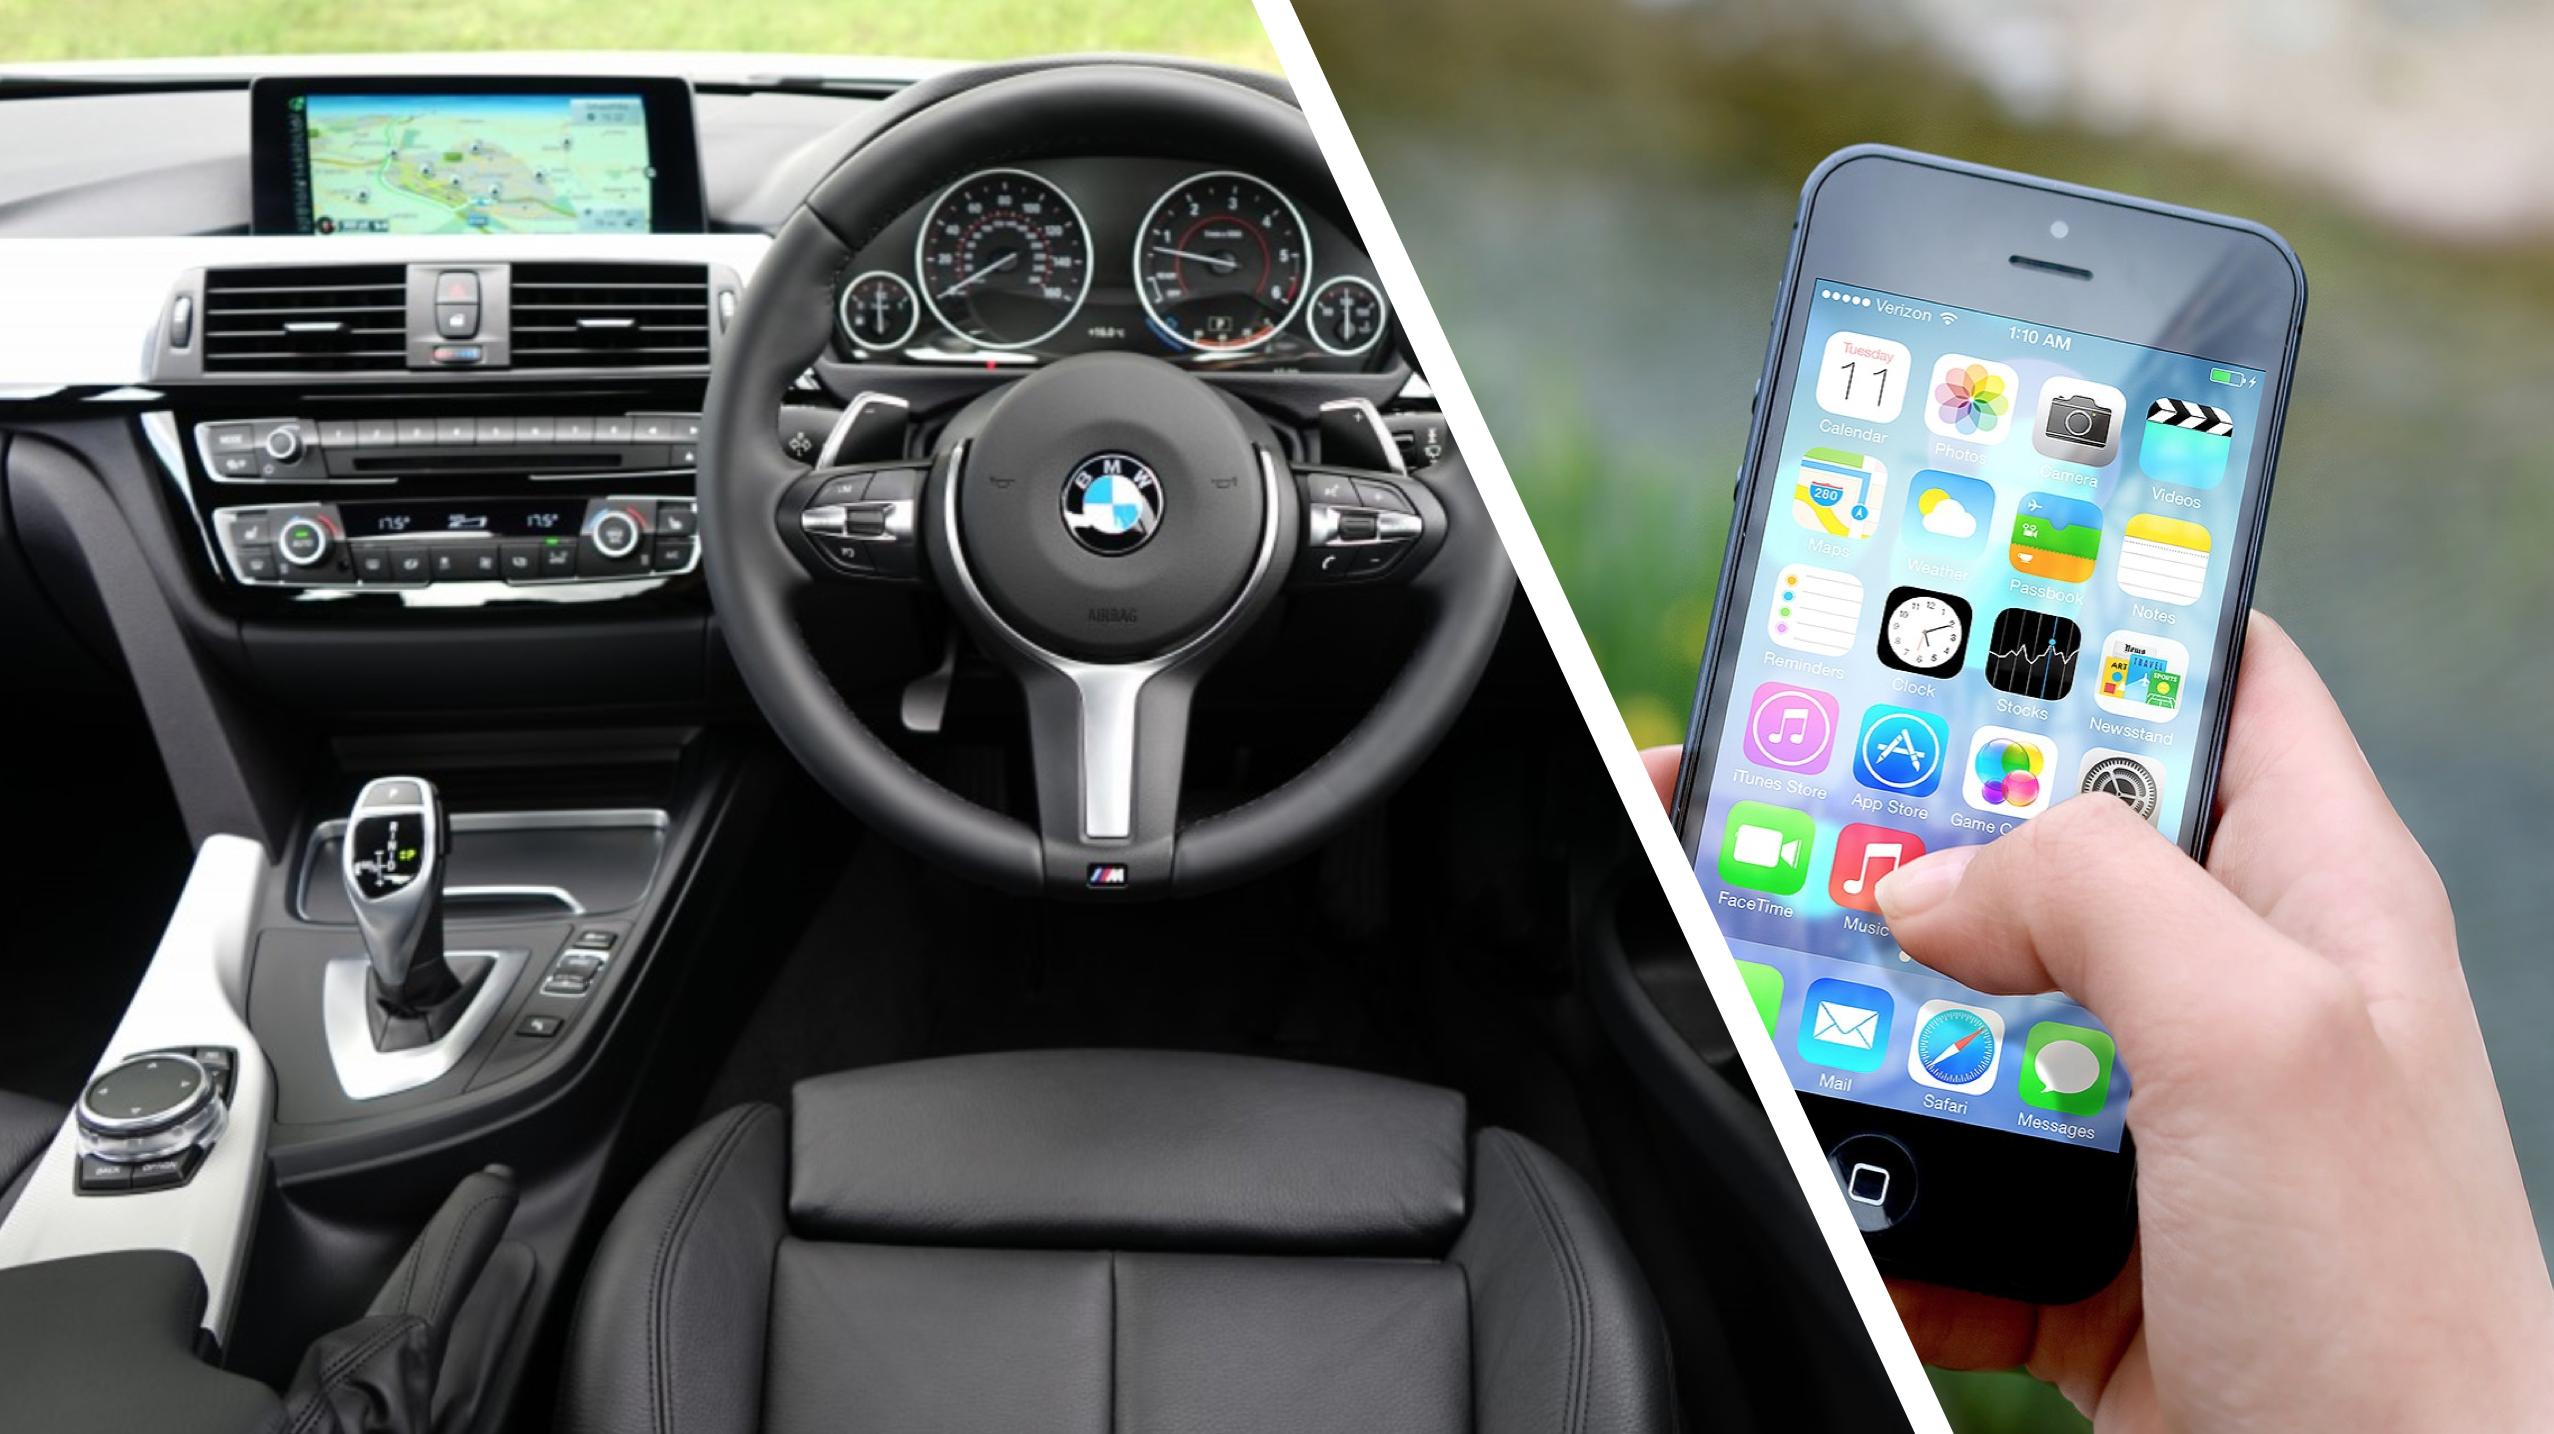 ¿CarKey para abrir tu auto desde el iPhone? Esto dicen los rumores...